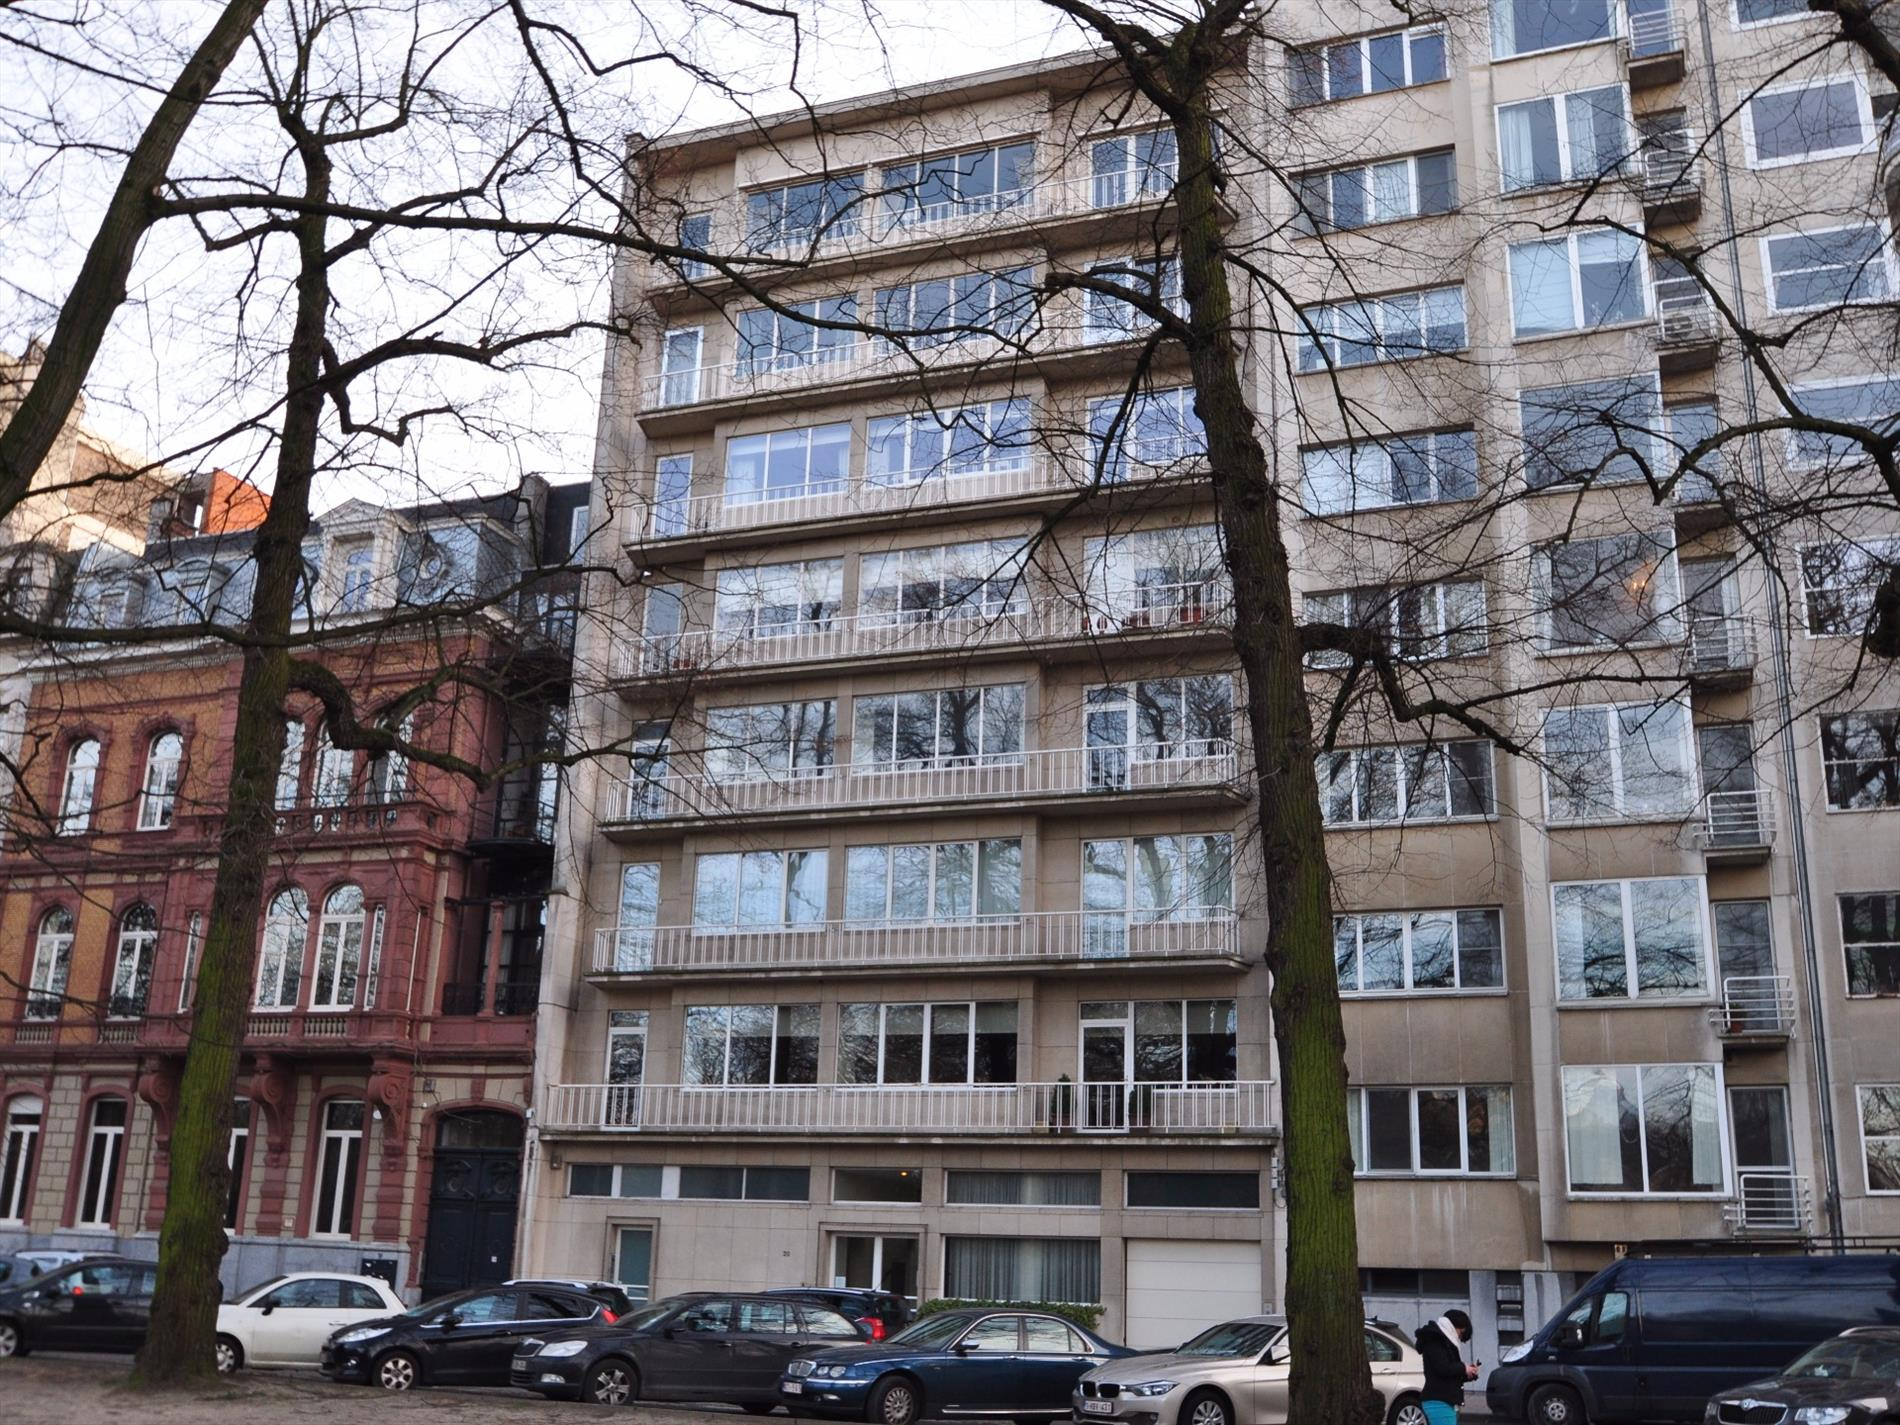 https://www.hillewaere-vastgoed.be/assets/images/properties/4315510/1/1453276752-centraal-gelegen-zeer-ruim-licht-appartement-300m2-met-oa-4-slaapkamers-3-badkamers-zeer-ruim-terras-en-1-garage-1.jpg